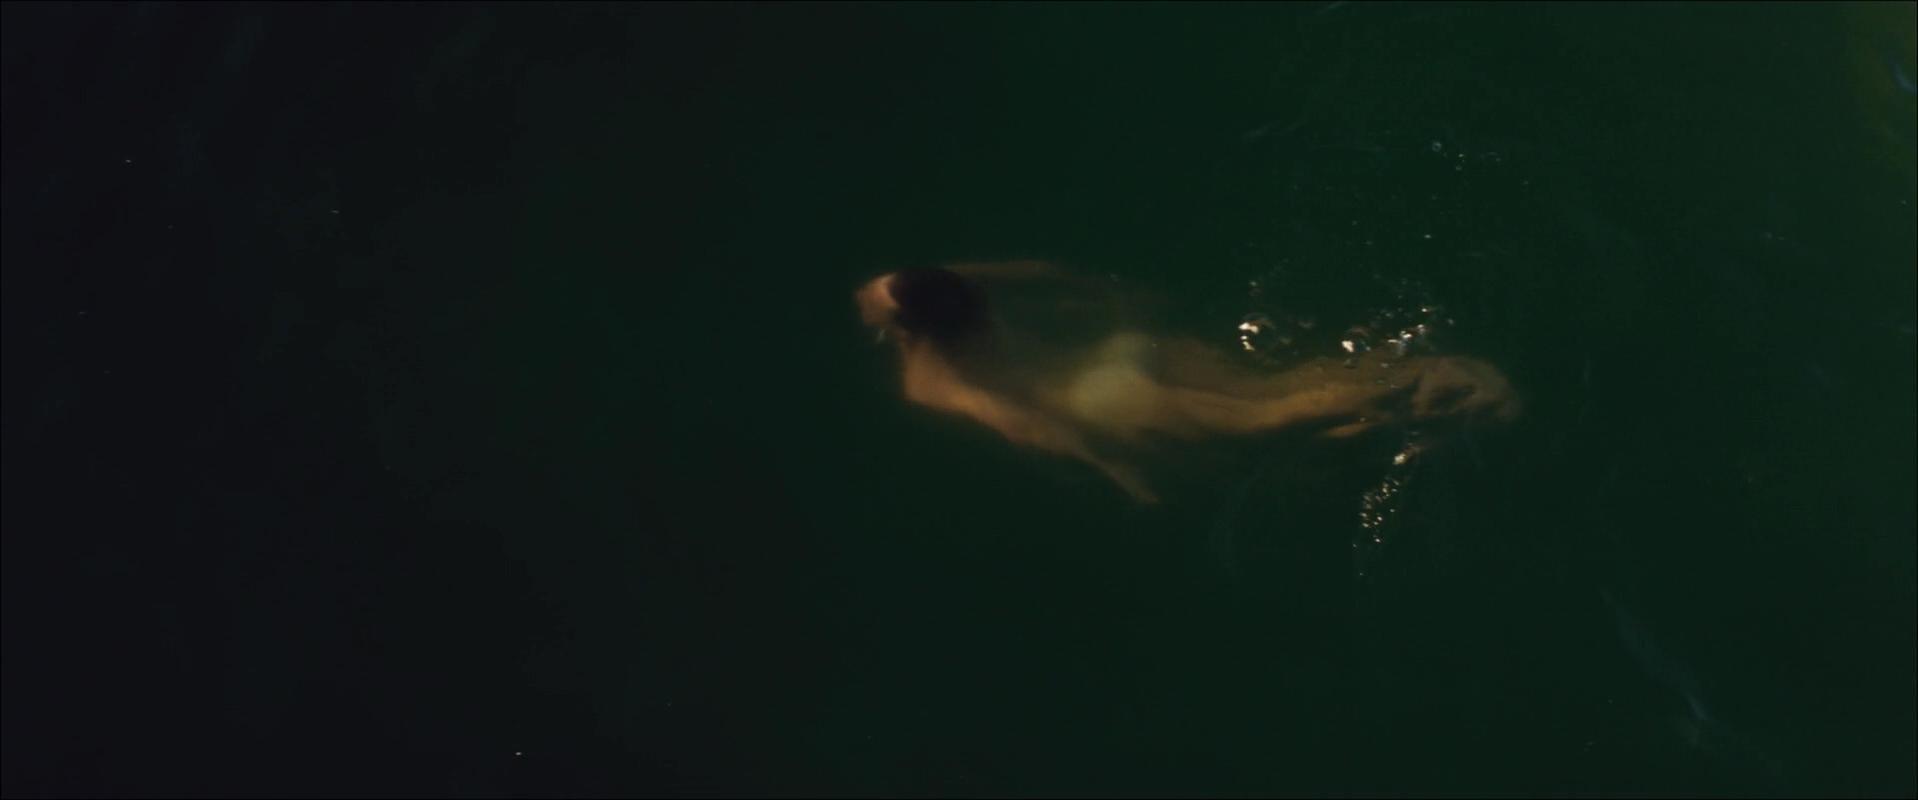 Mia wasikowska tits nude